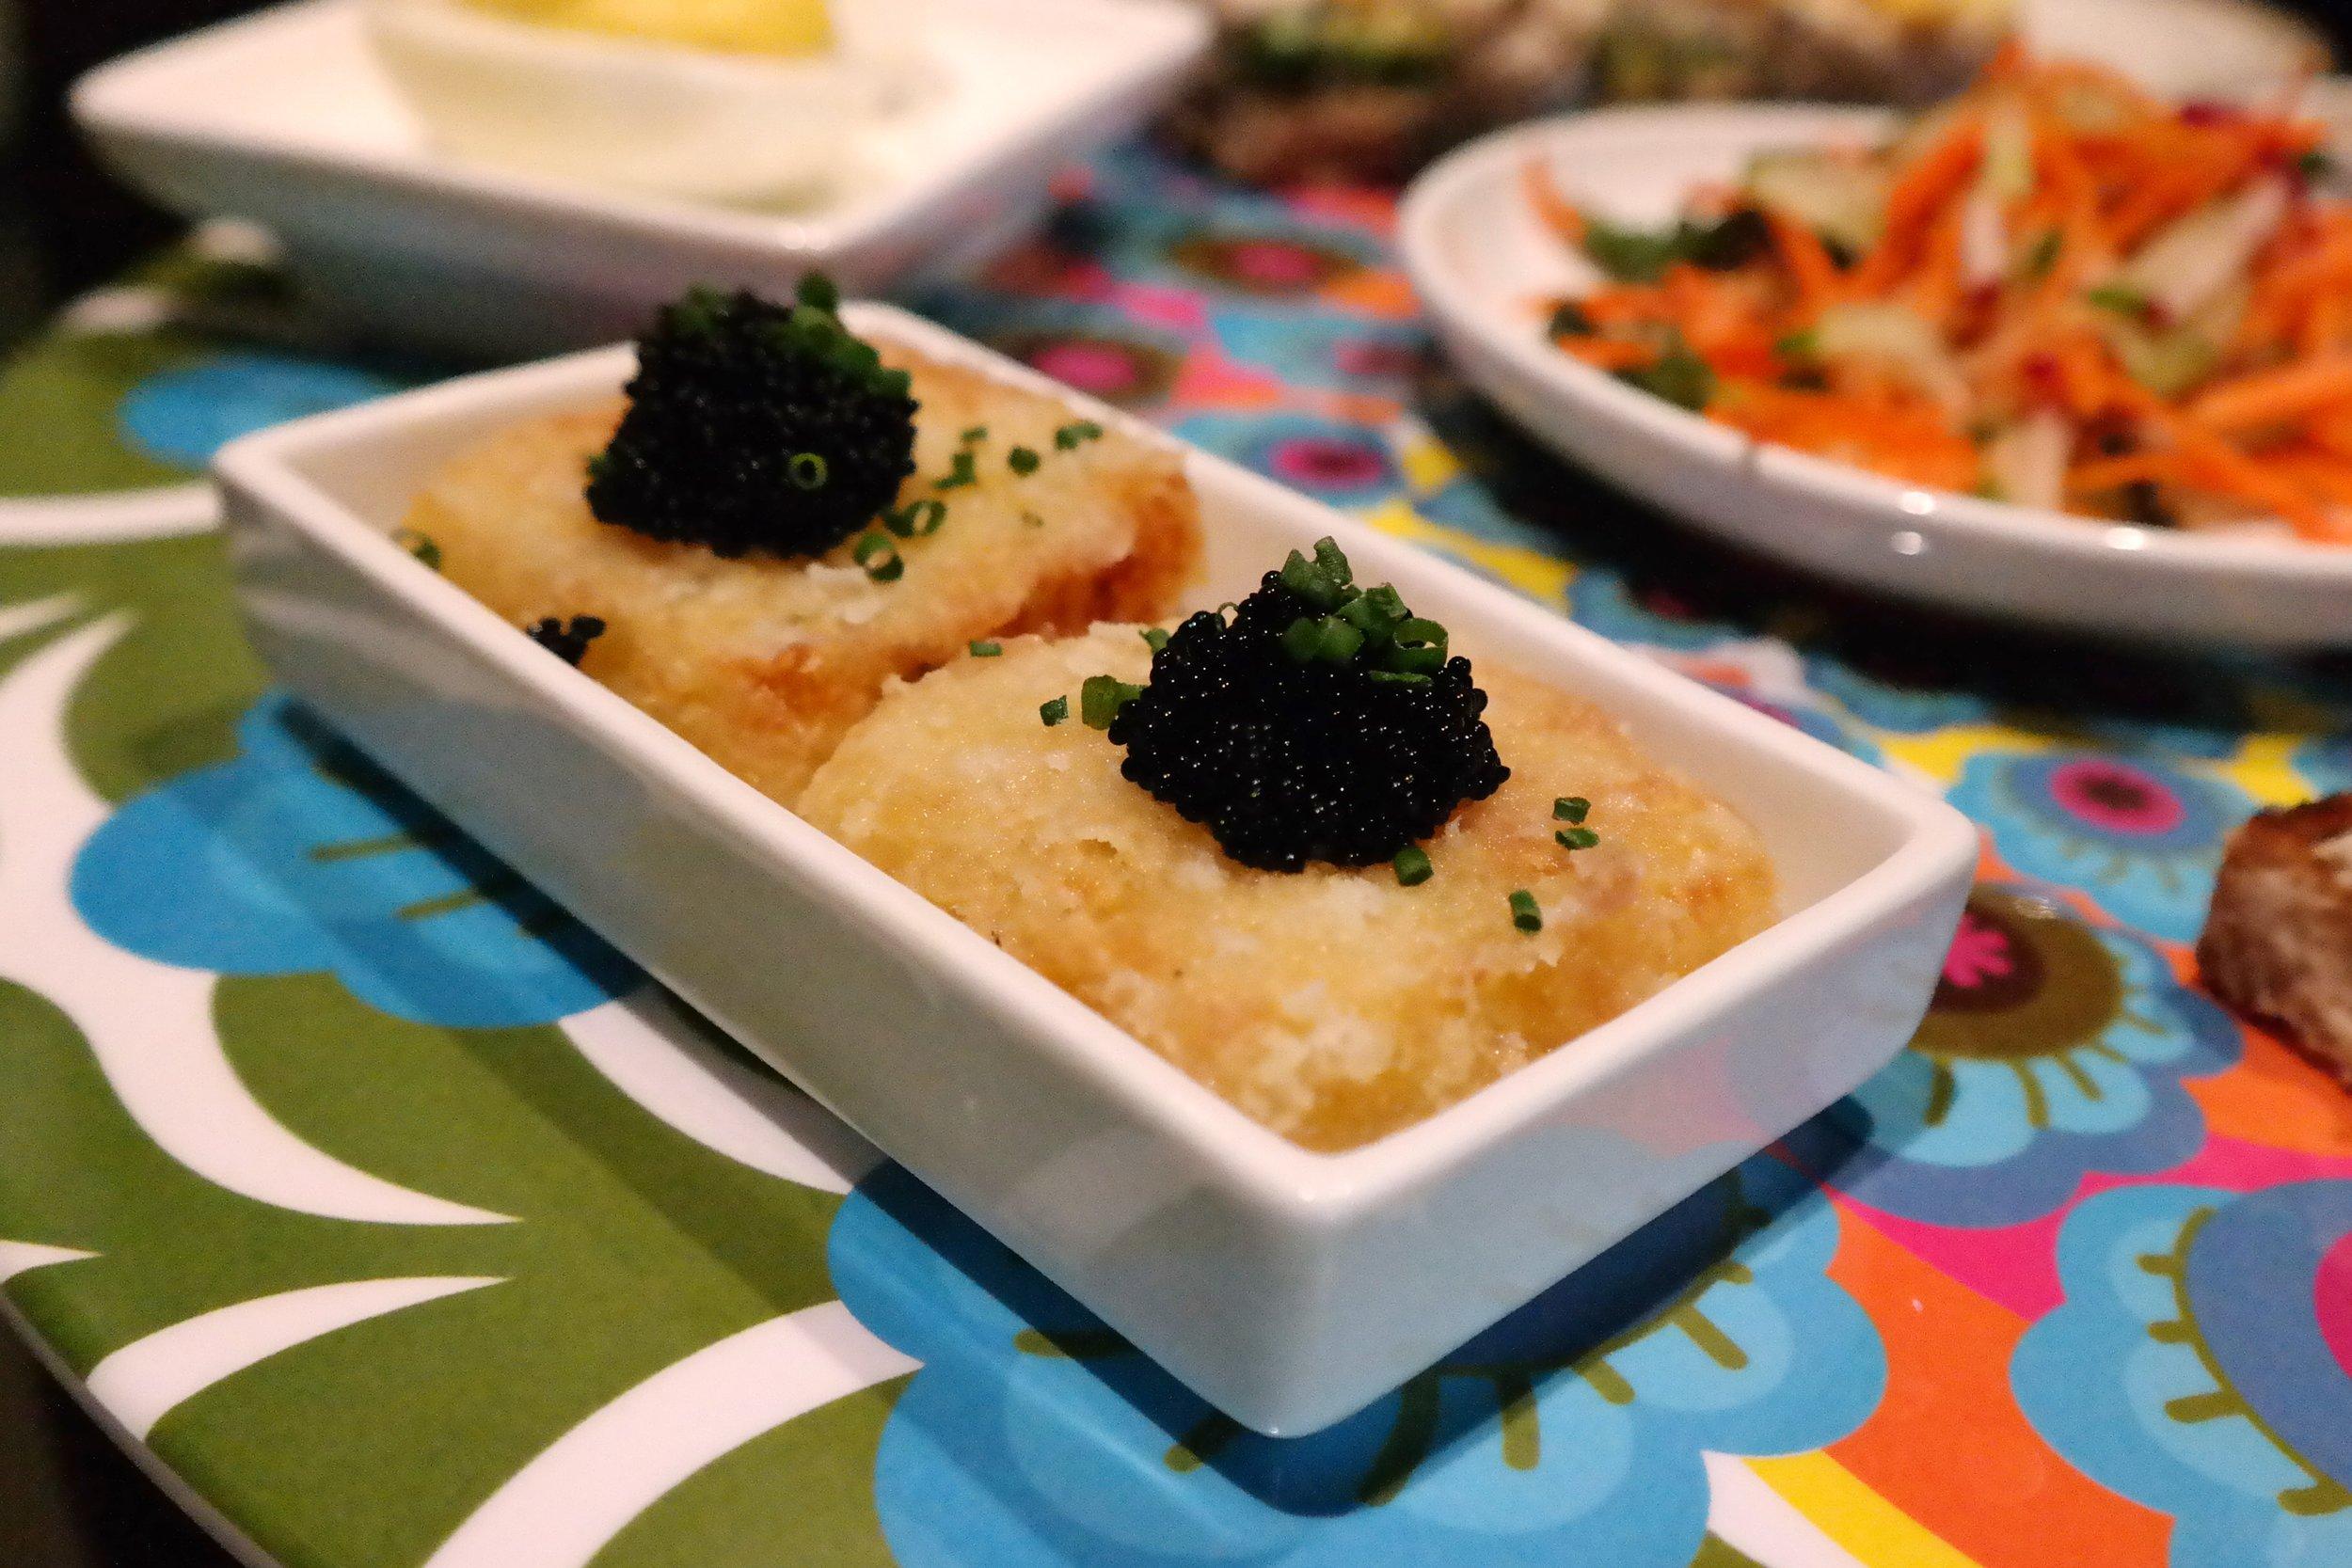 Tater tots with caviar